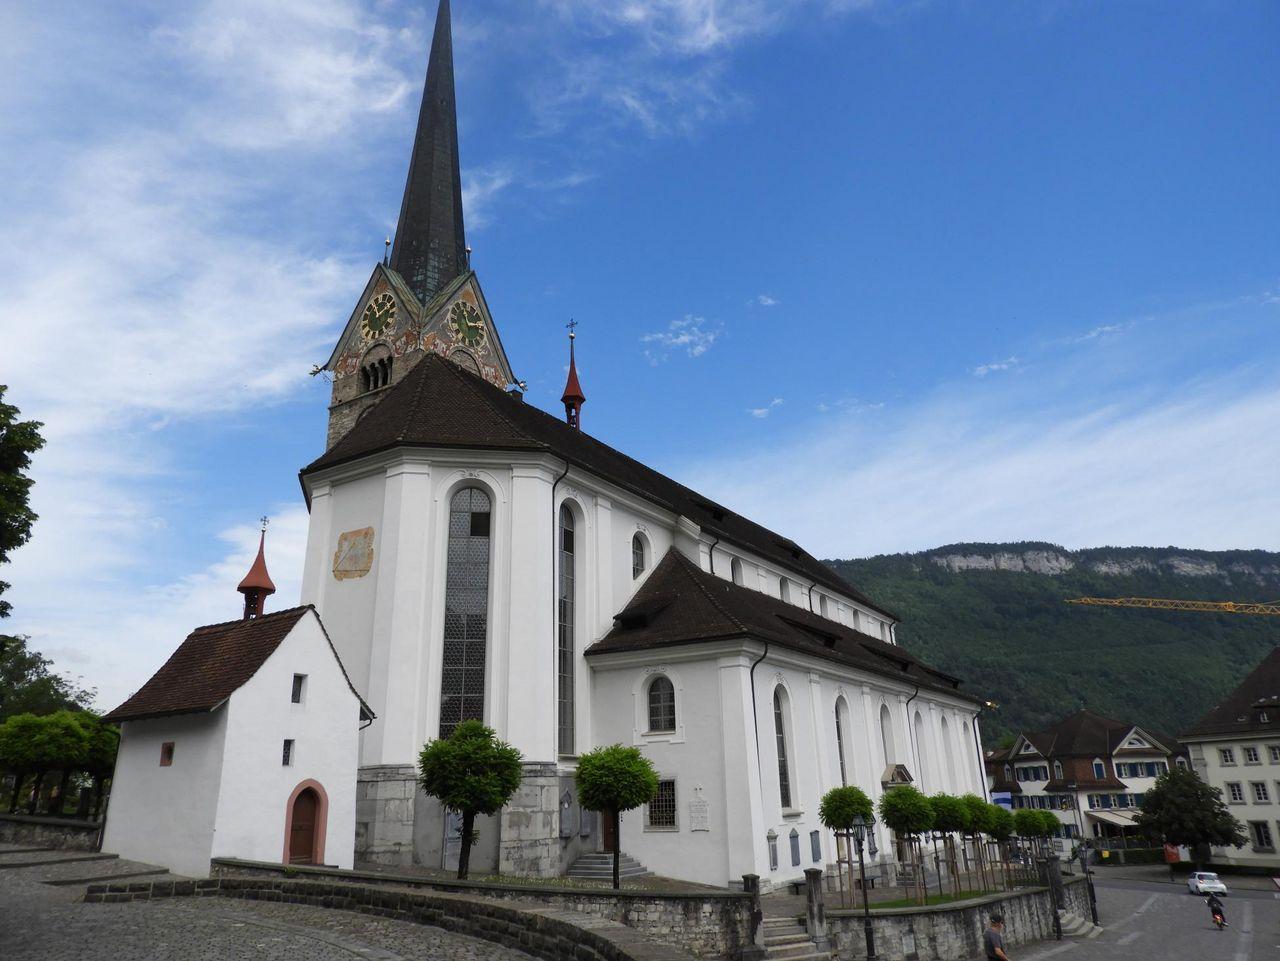 Tours of Stans village